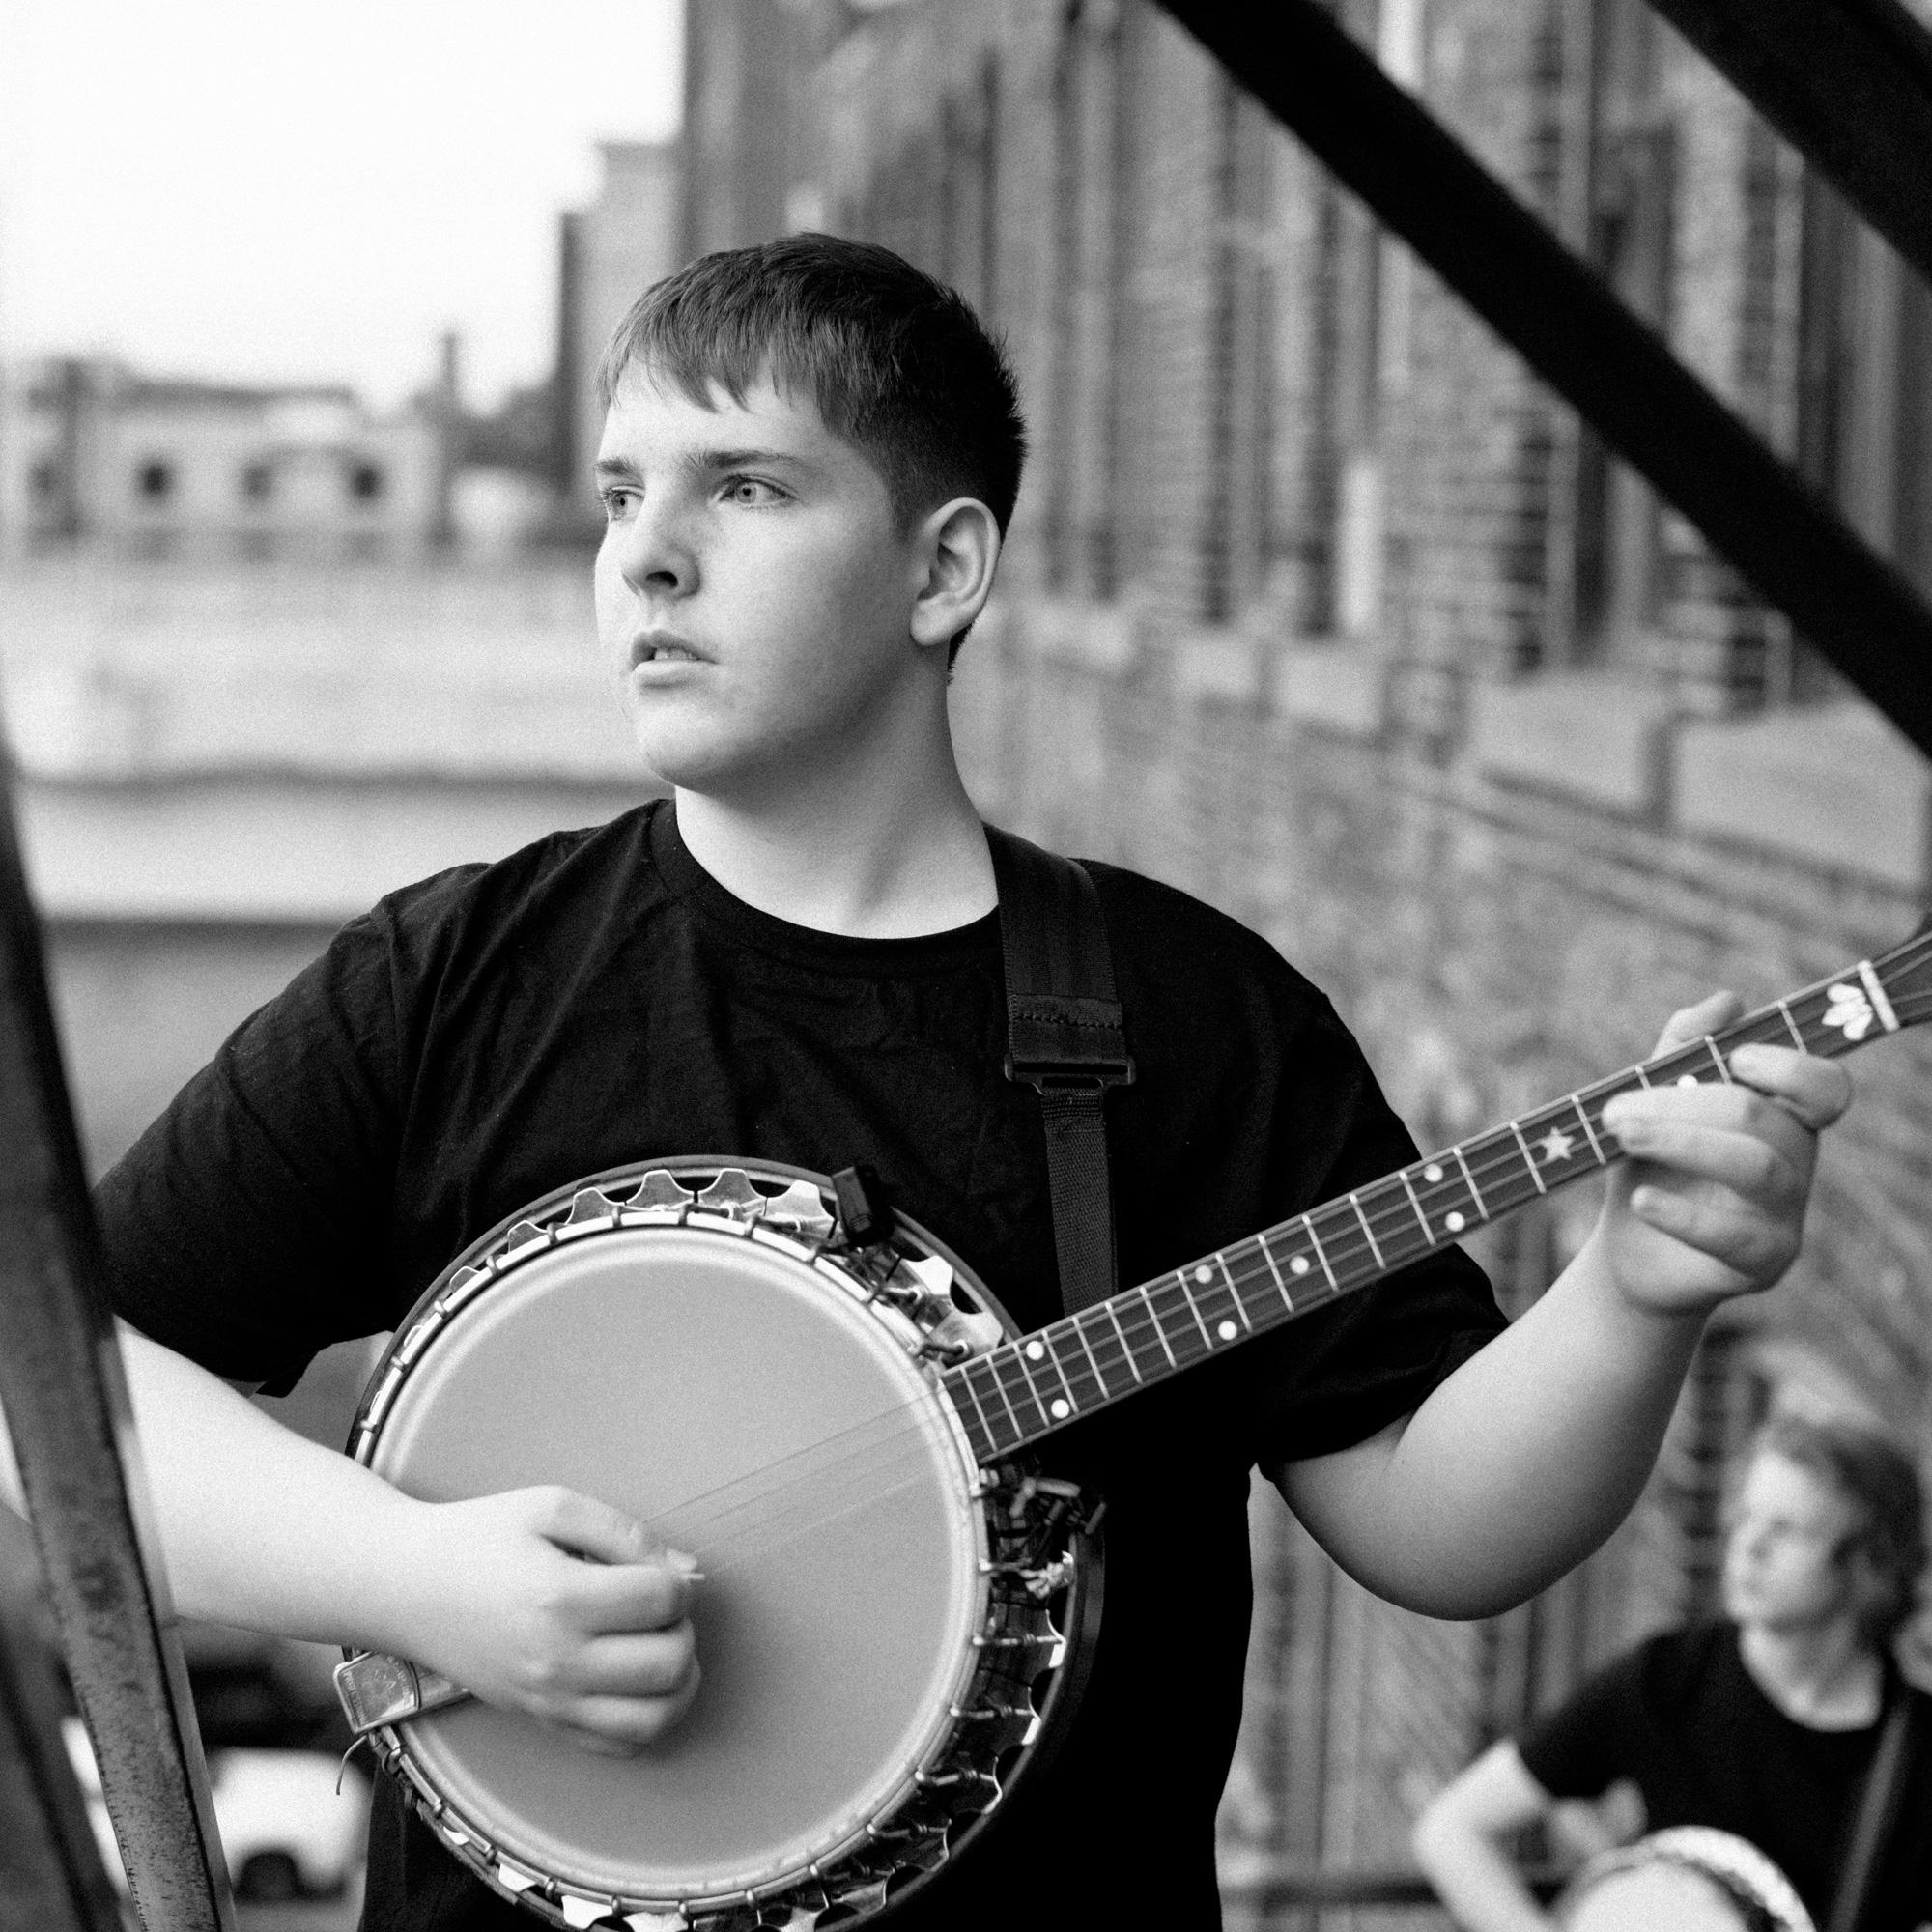 Promo image of Derek Anderson playing banjo